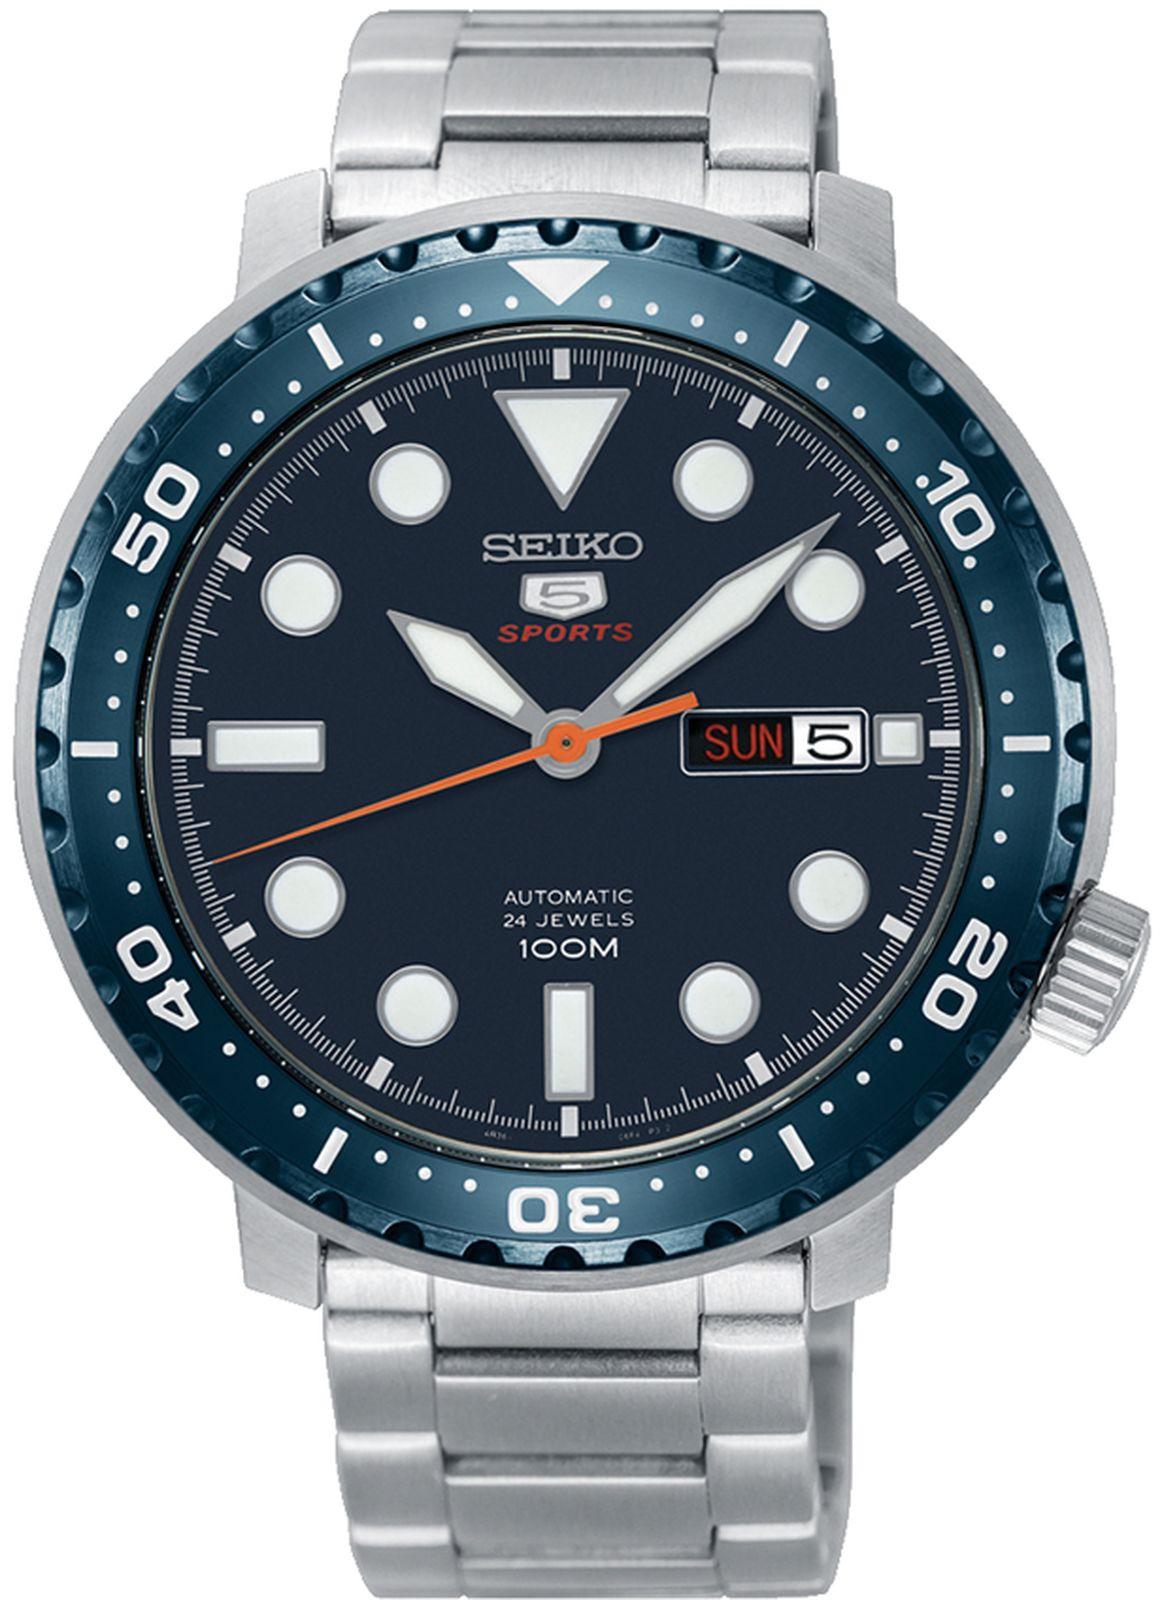 купить Наручные часы Seiko мужские, серебристый по цене 24450 рублей